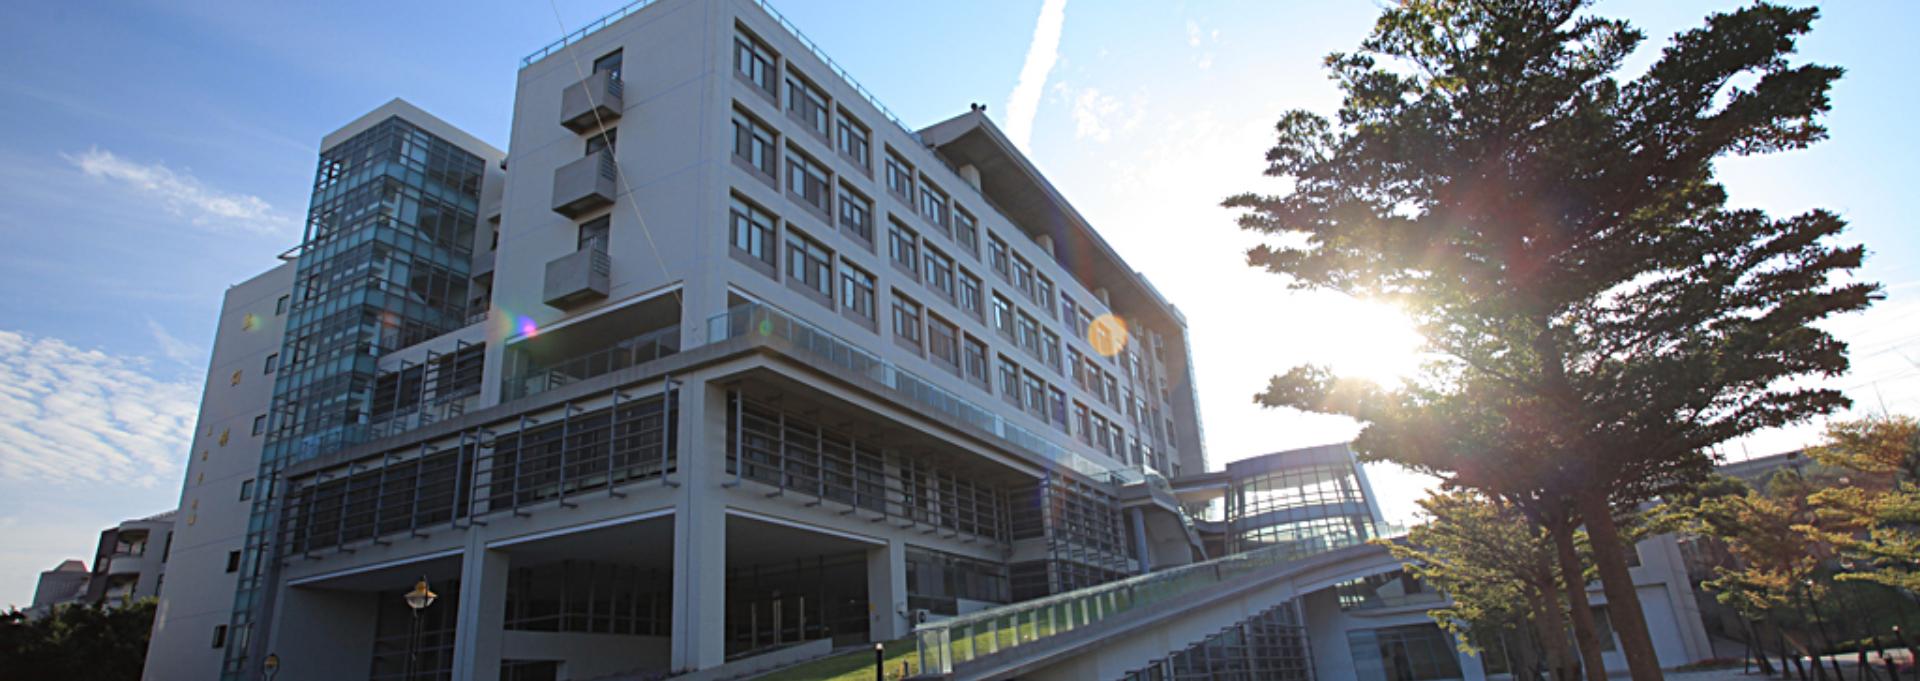 Cơ sở vật chất khang trang hiện đại giúp sinh viên sinh hoạt và học tập tốt nhất